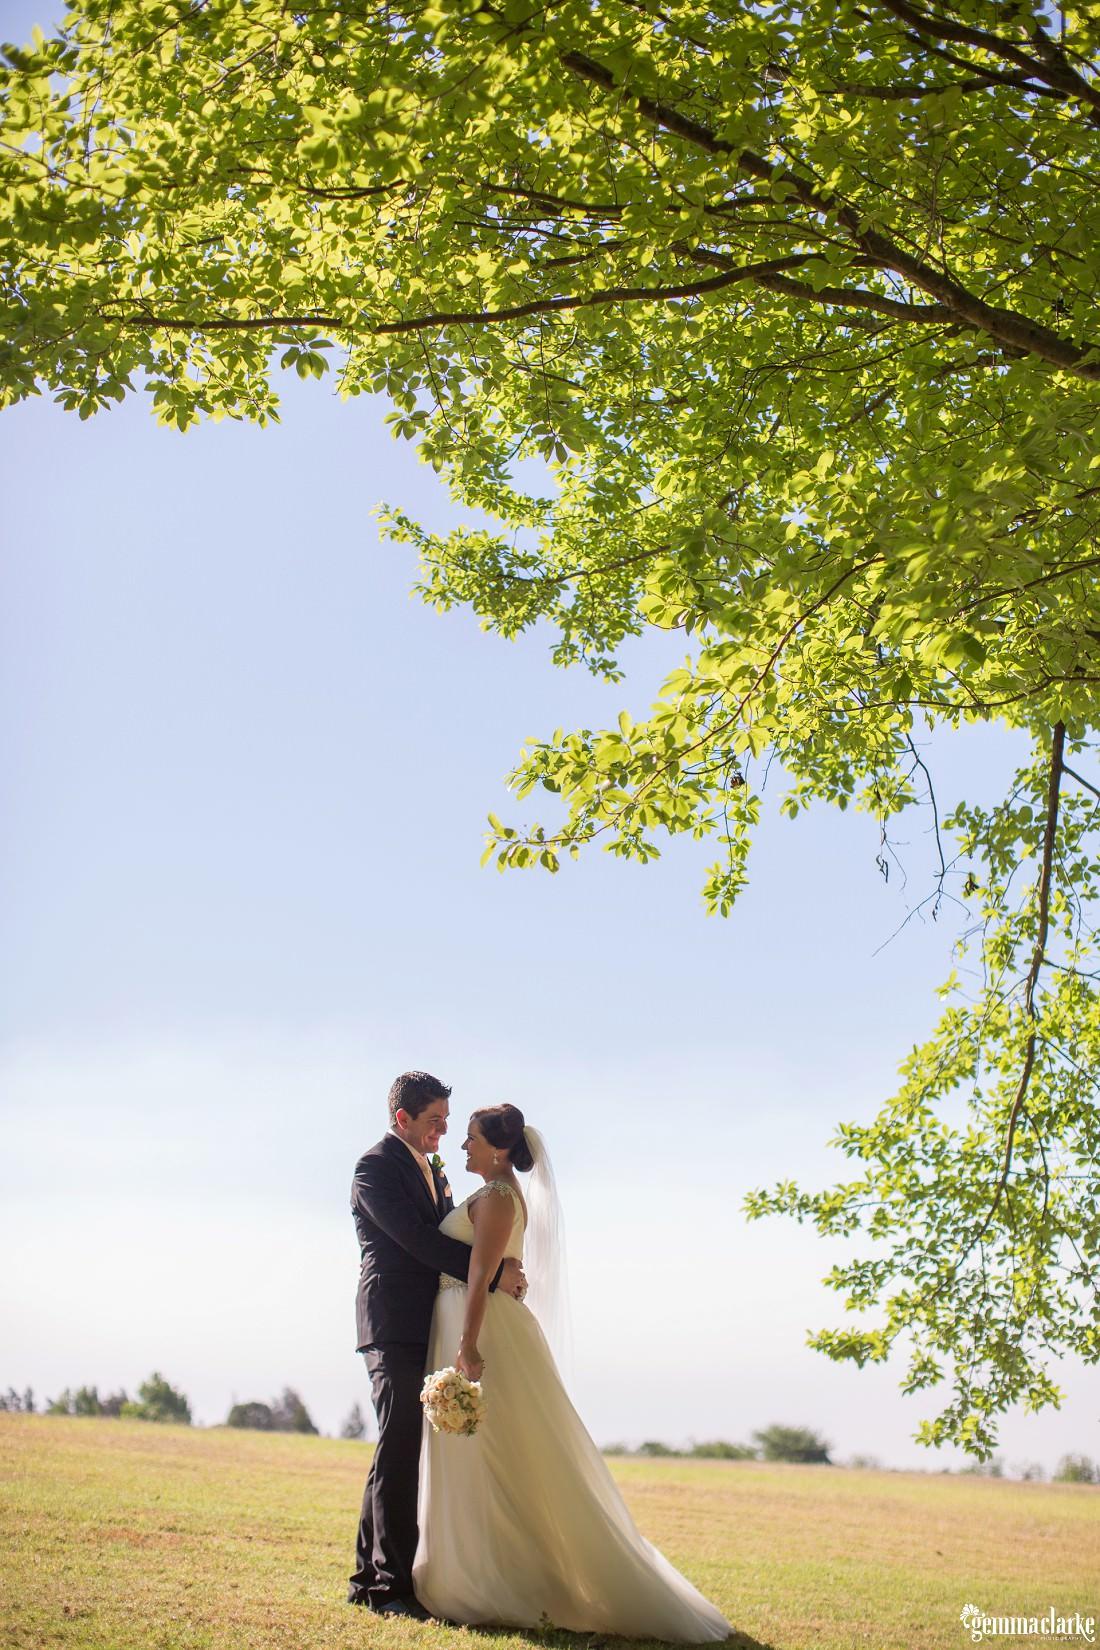 gemma-clarke-photography_sebel-hawkesbury-wedding_kathryn-and-chris_0035